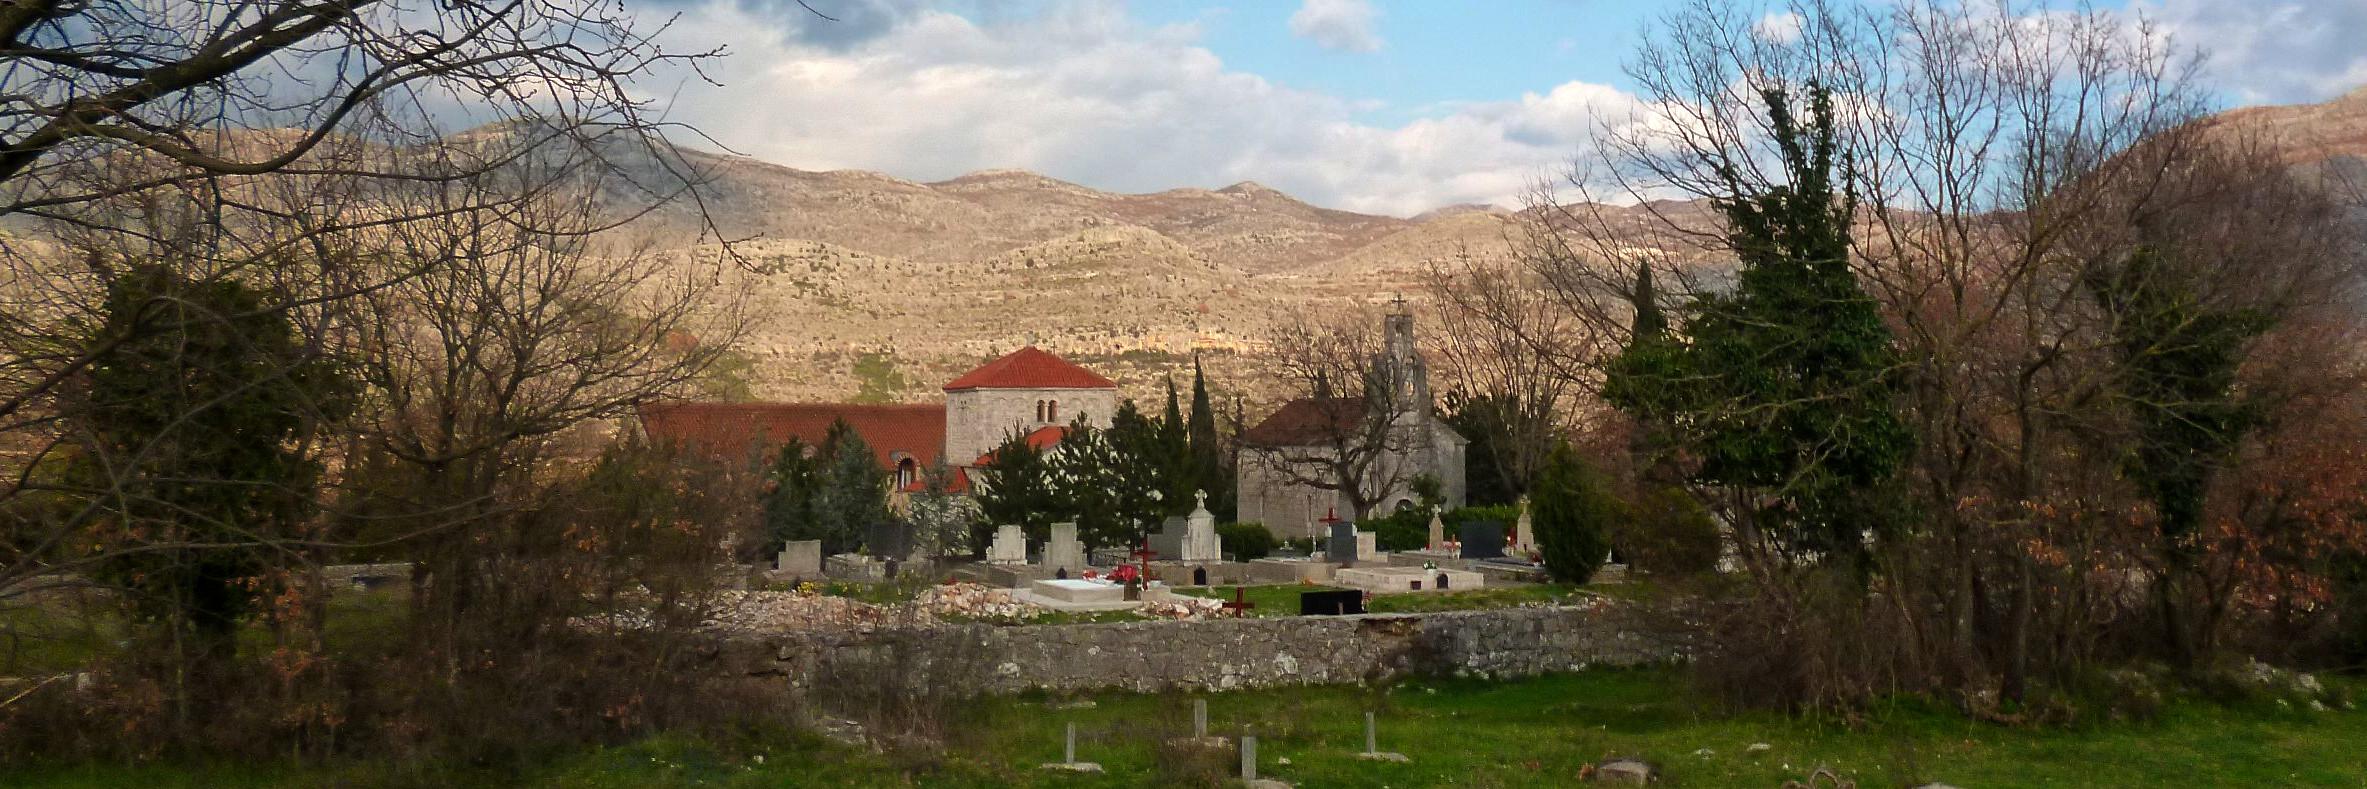 Монастырь св. Петра и Павла